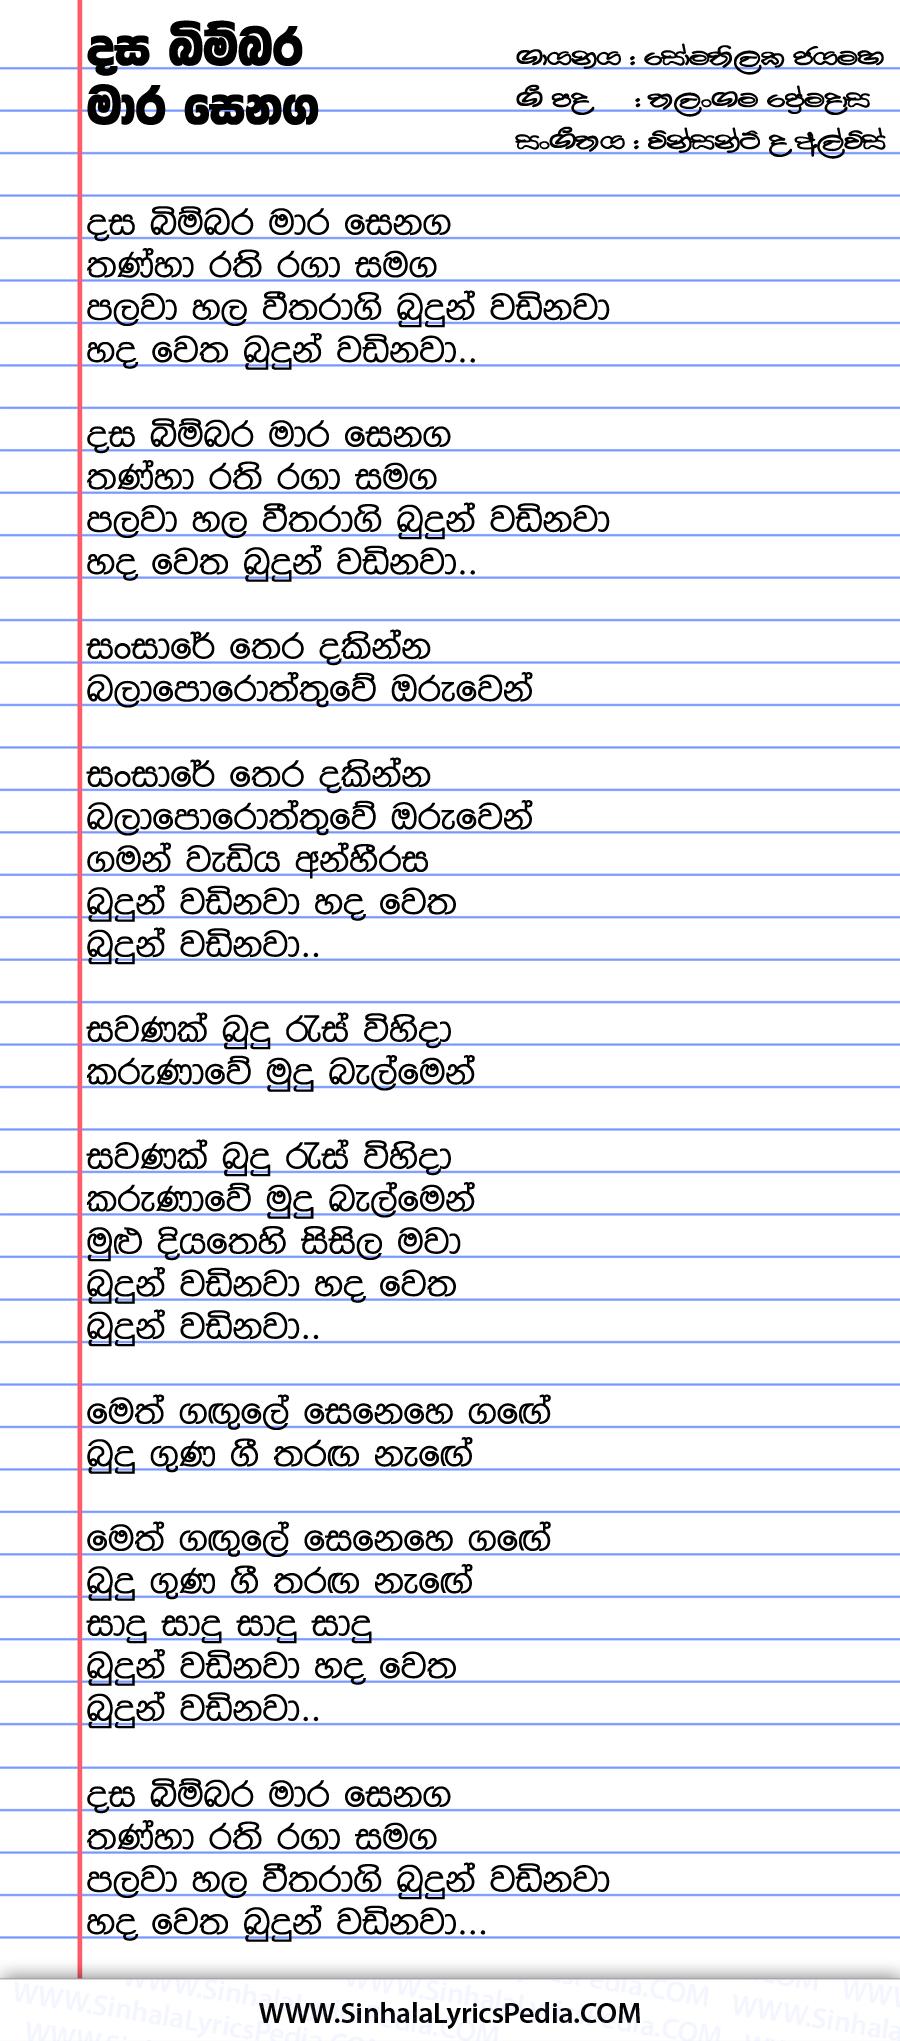 Dasa Bimbara Mara Senaga Song Lyrics